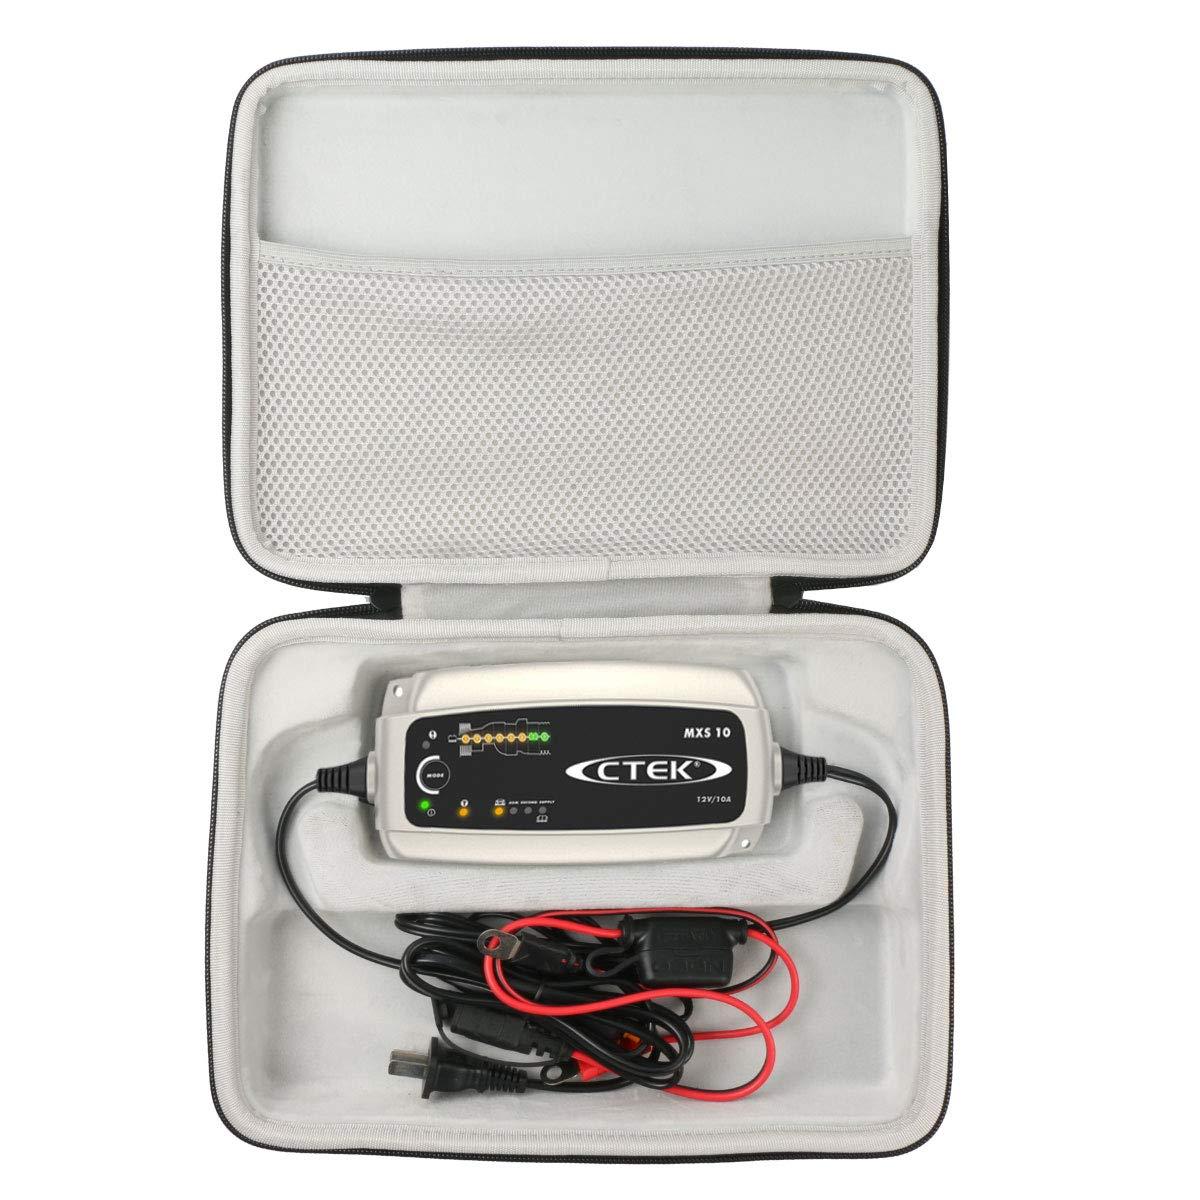 Khanka Eva Custodia Viaggi Borsa portaoggetti per CTEK XS 0.8 Mantenitore di Carica Automatico for XS 0.8